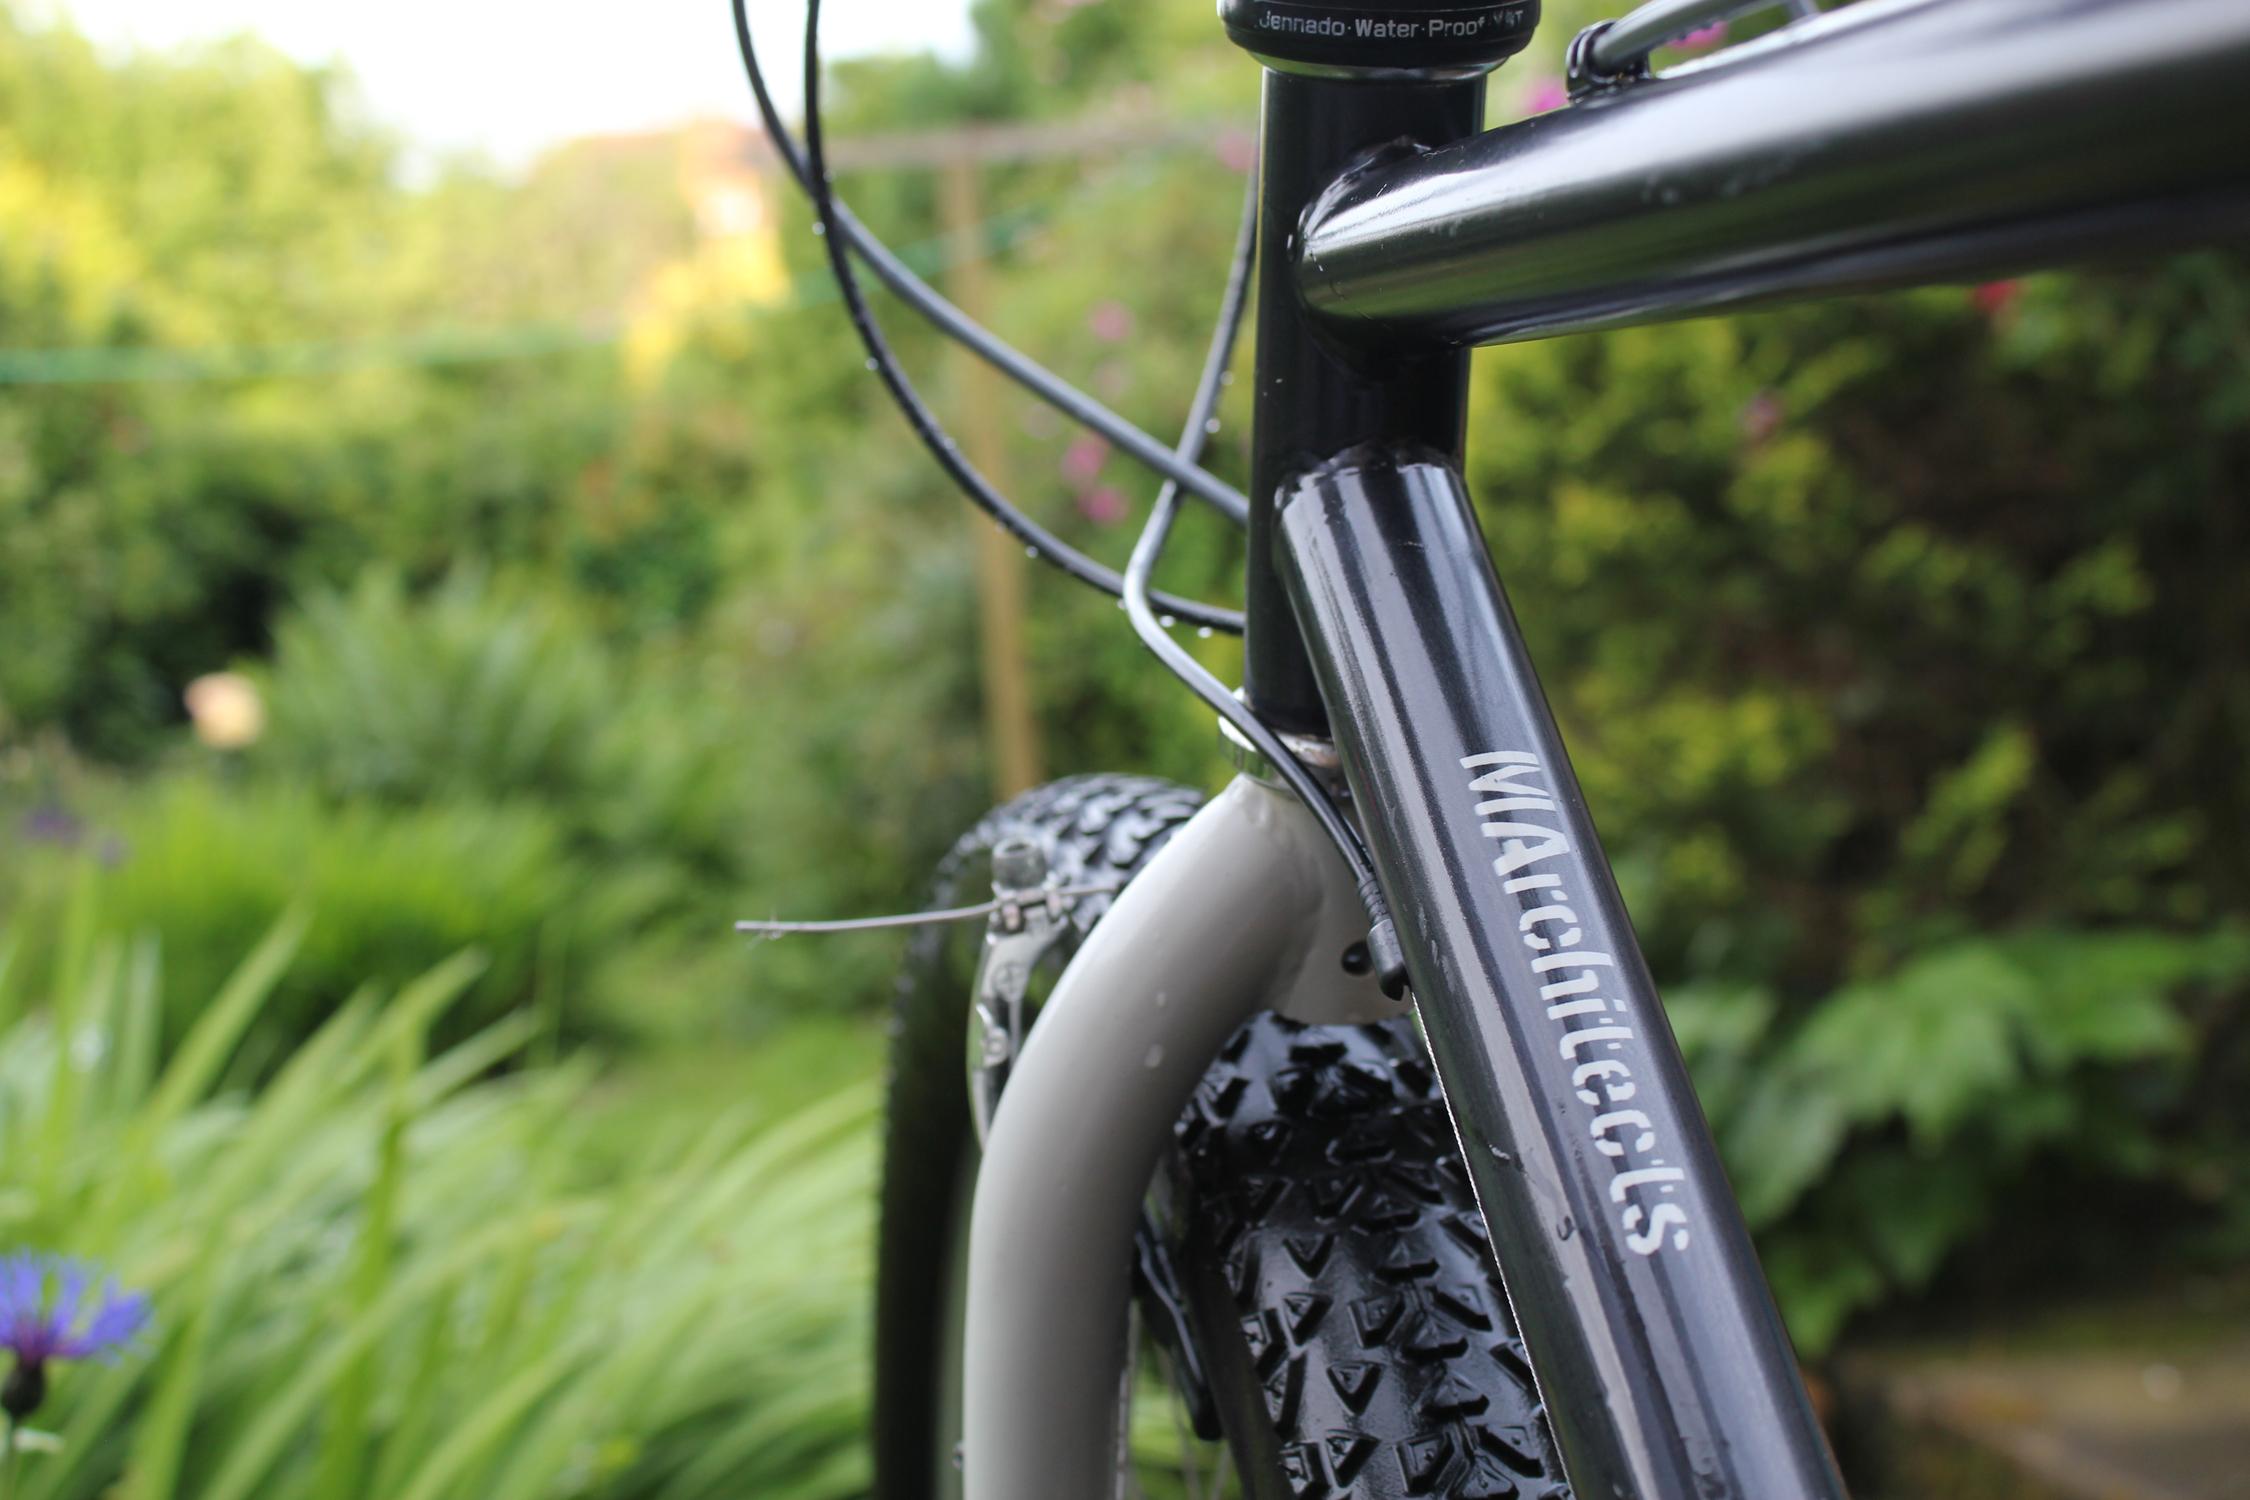 Mainwood architects up-cycled 25 year old Bike